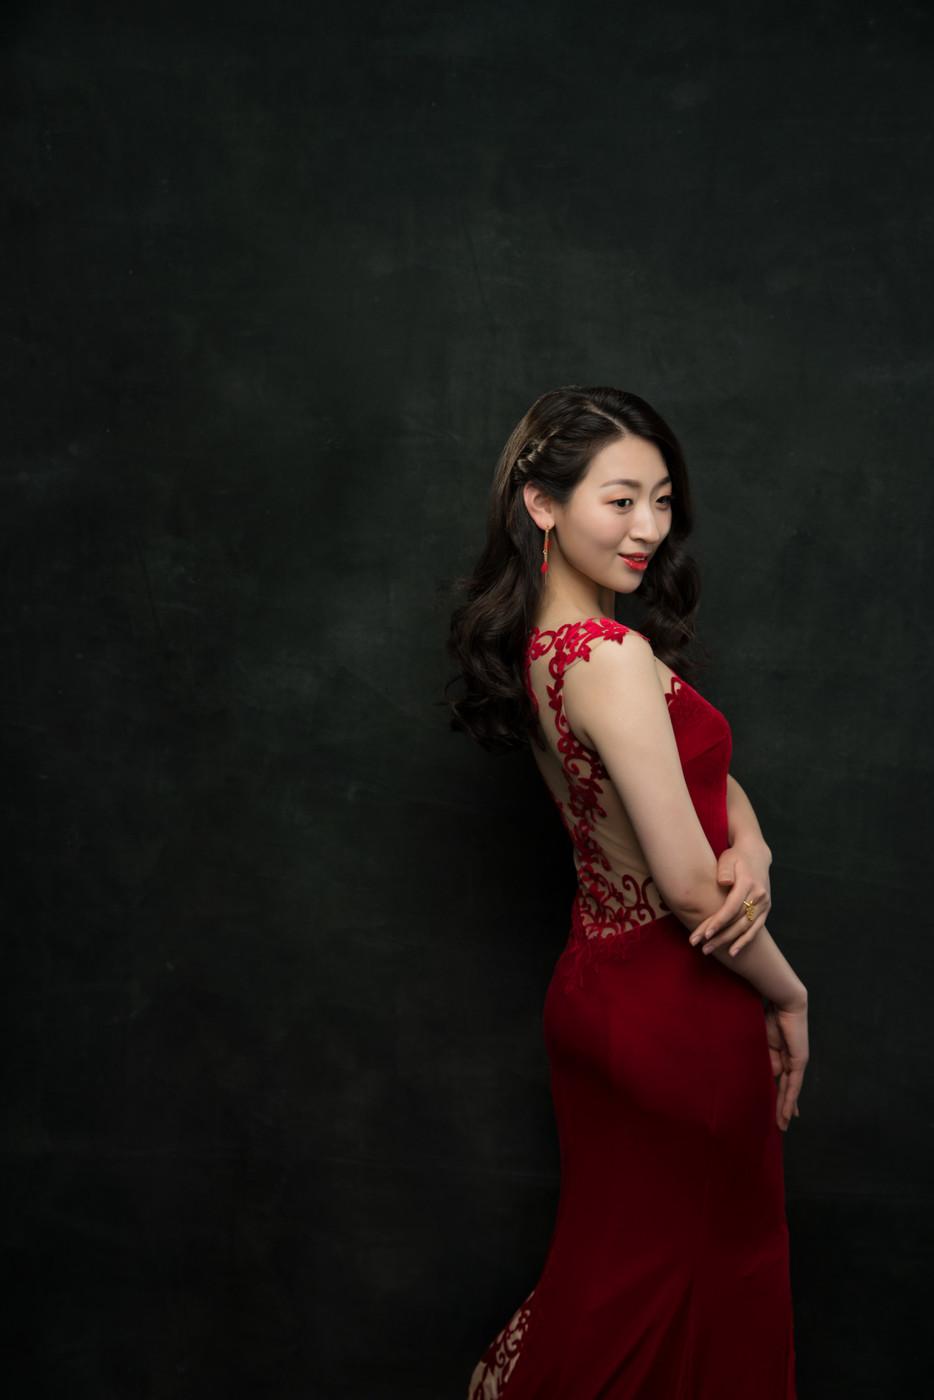 「KAI 旅行婚纱」梦里醒来,姑苏早春2